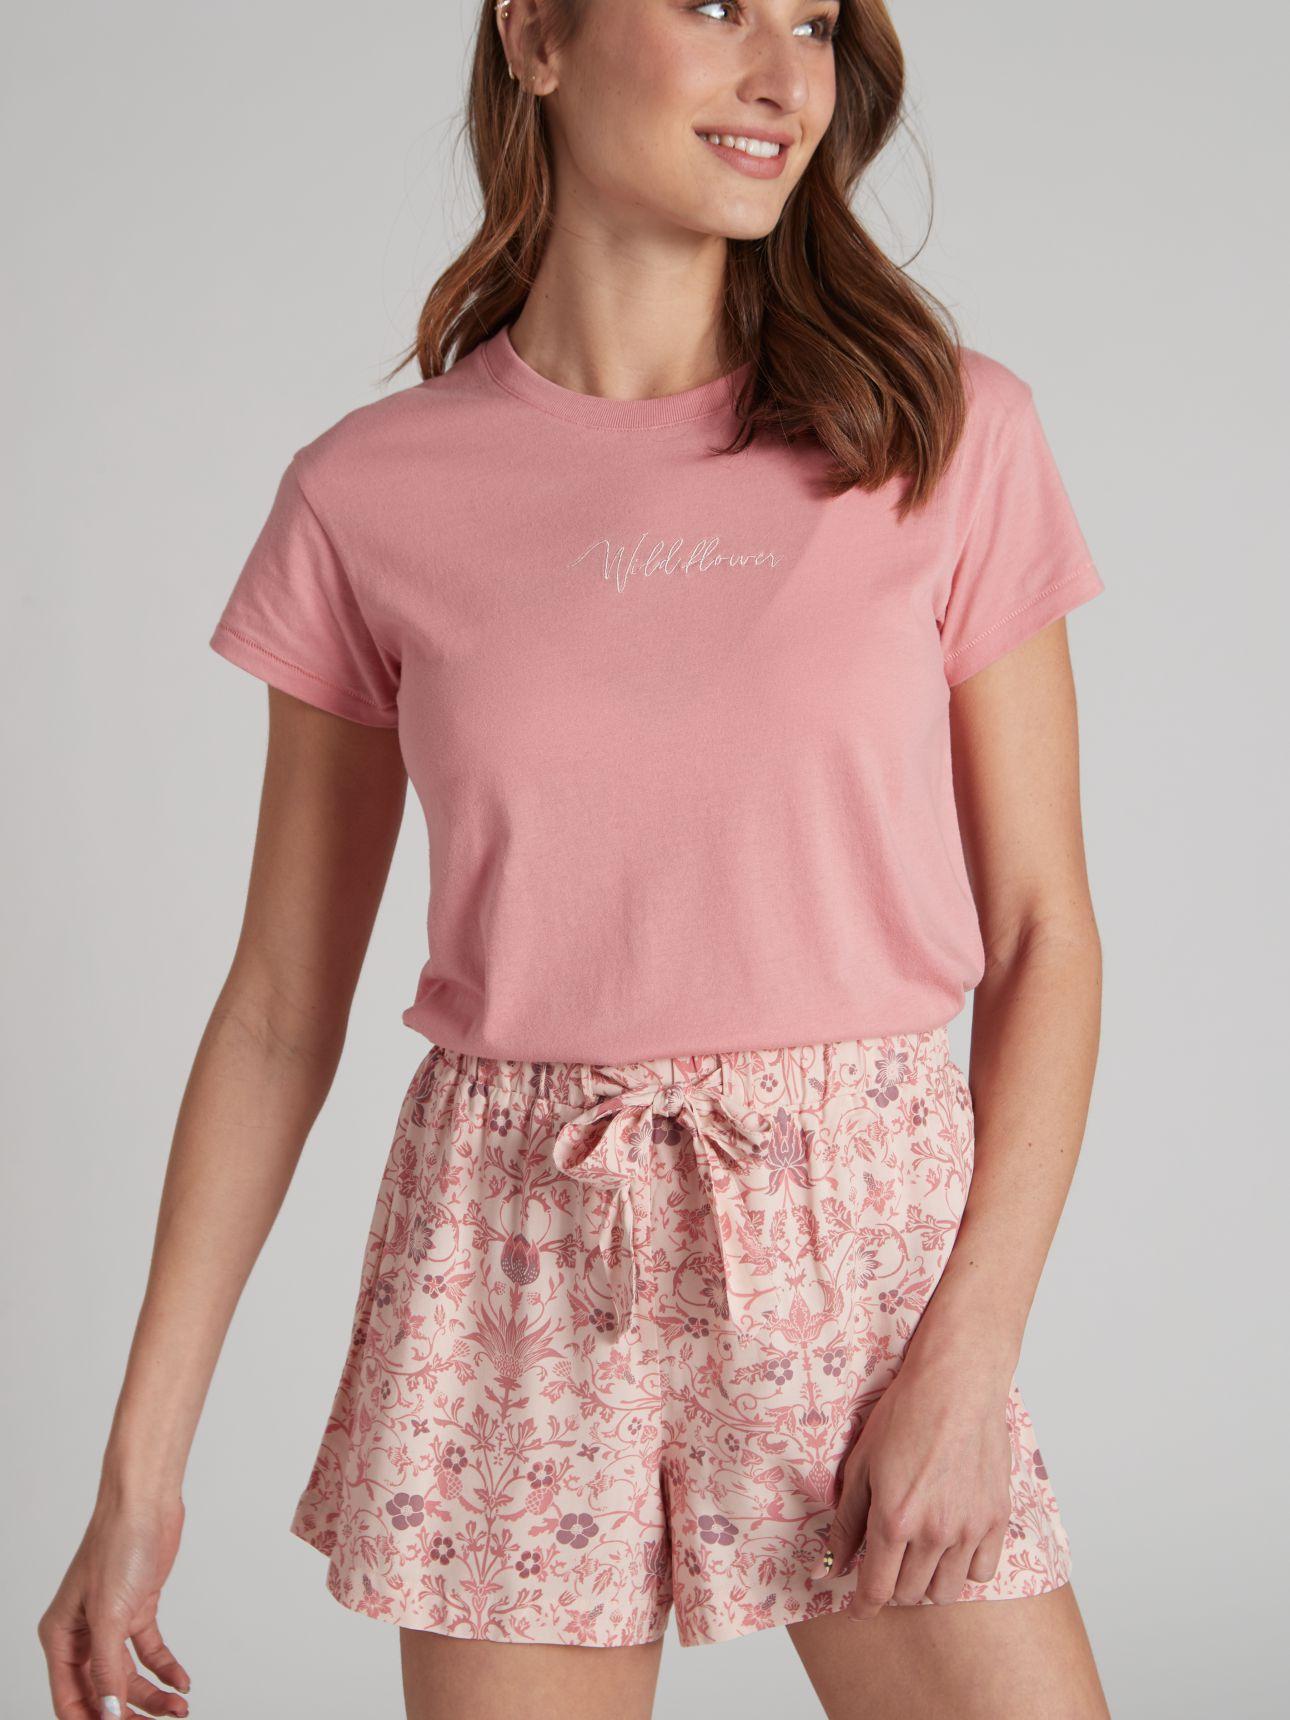 חולצת טי שירט עם רקמה בצבע ורוד סלמון